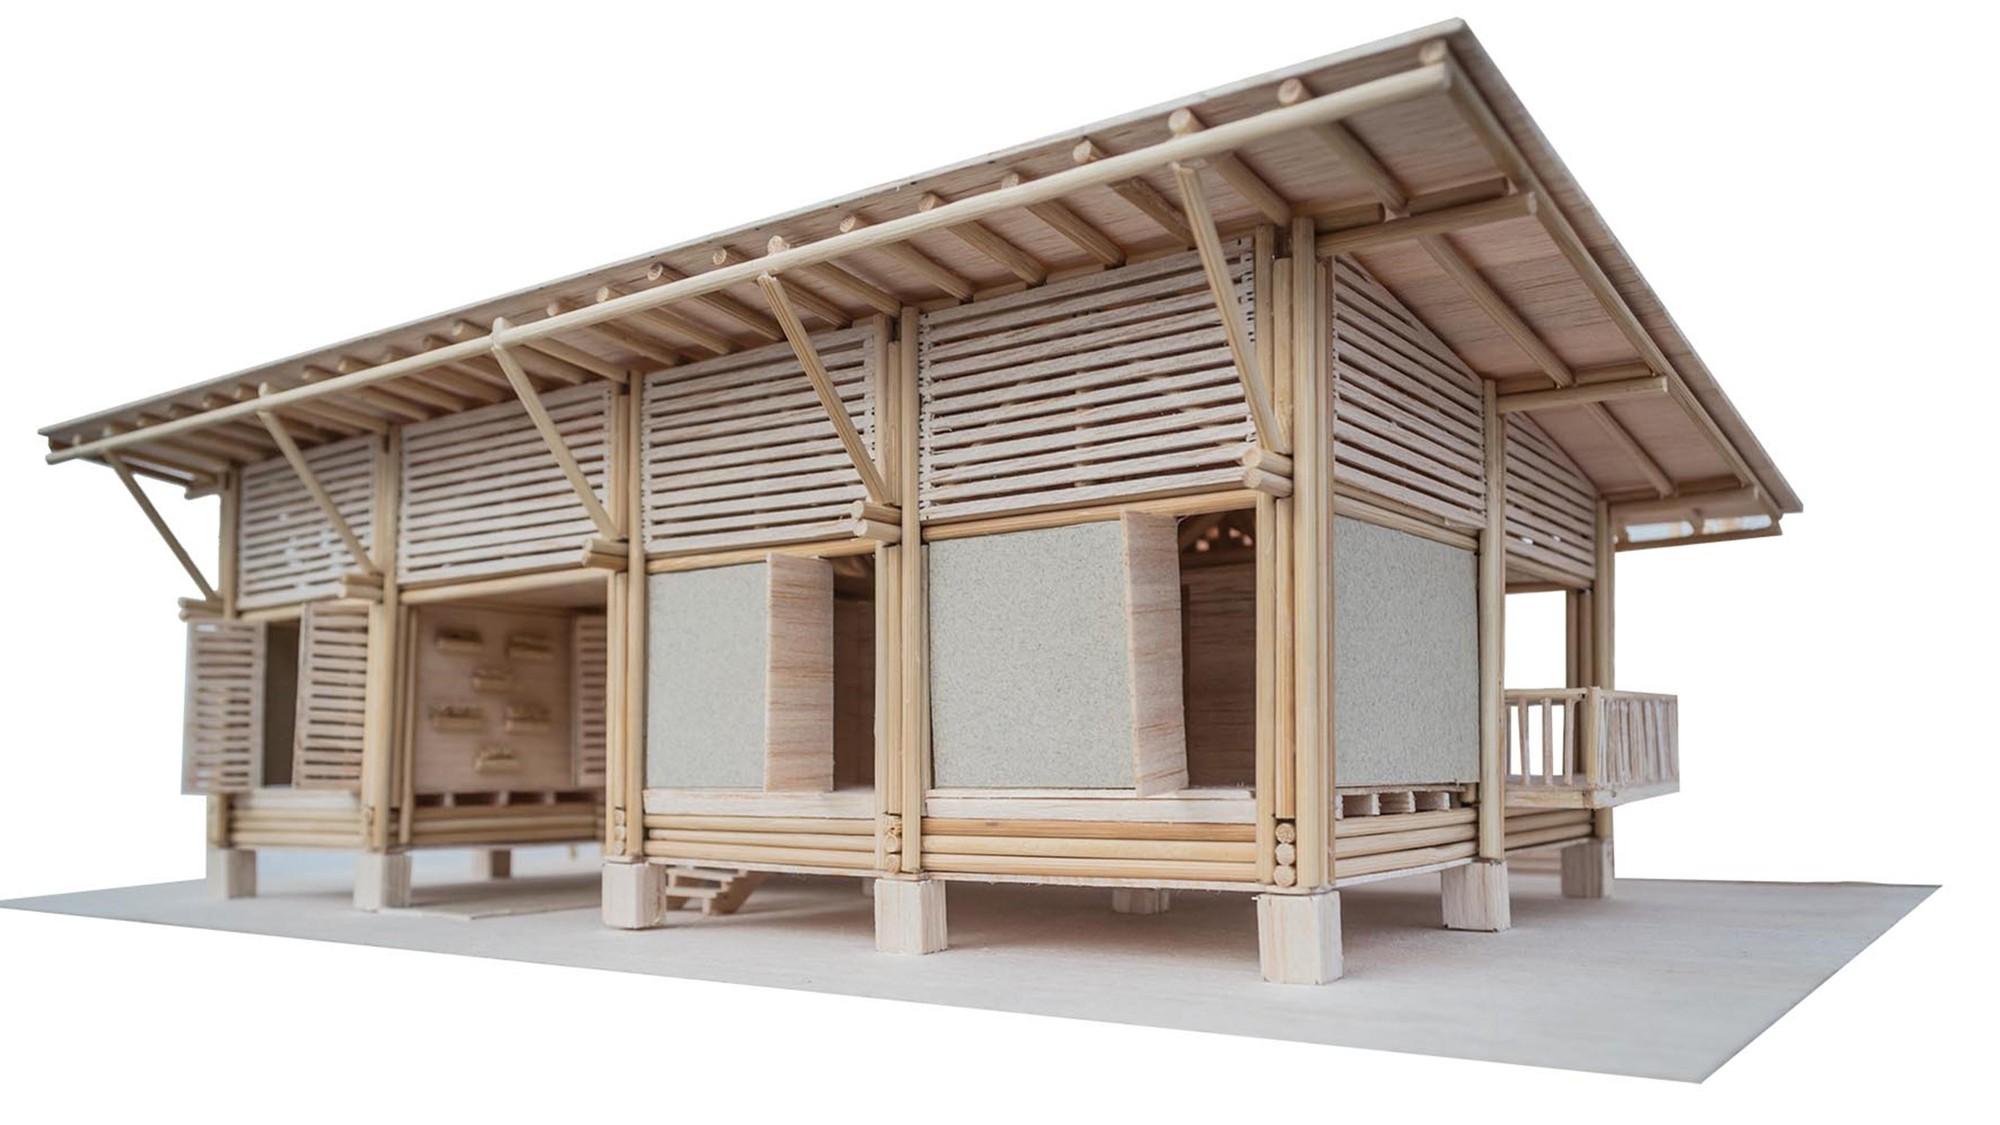 Galeria de casa convento enrique mora alvarado 26 for Small house design made of bamboo